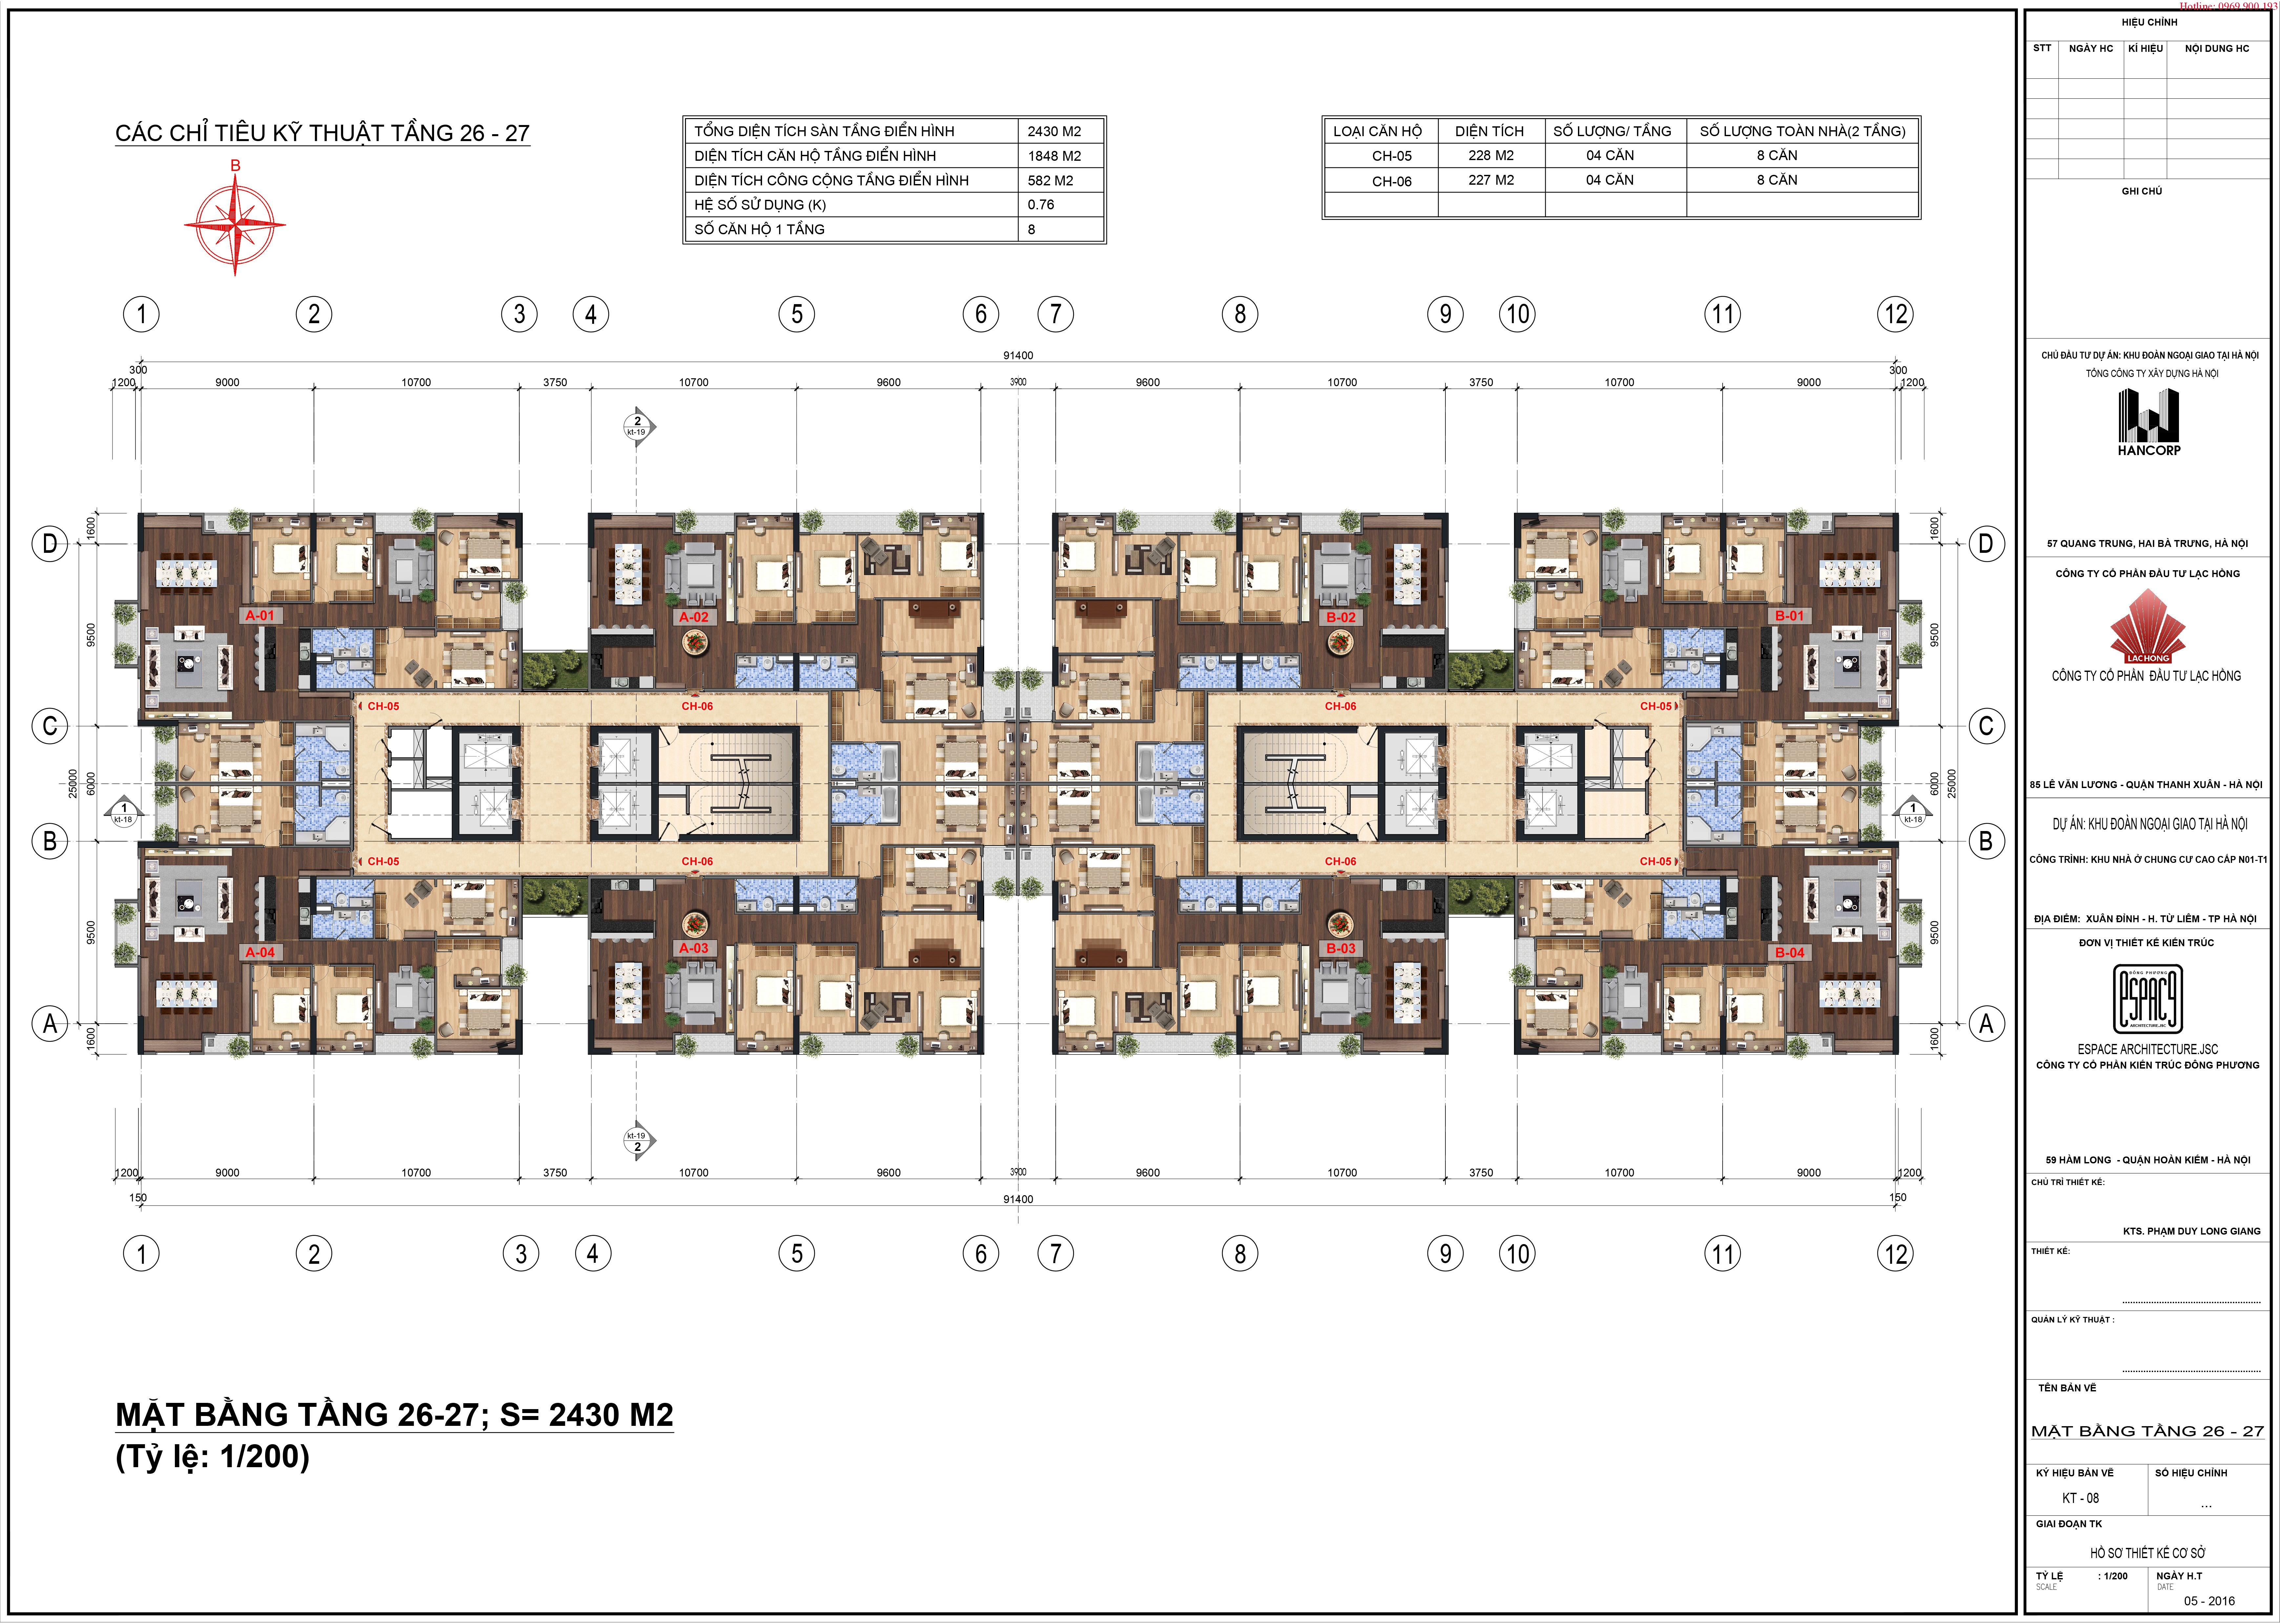 Mặt bằng Lạc Hồng Lotus 2 tầng 26~27